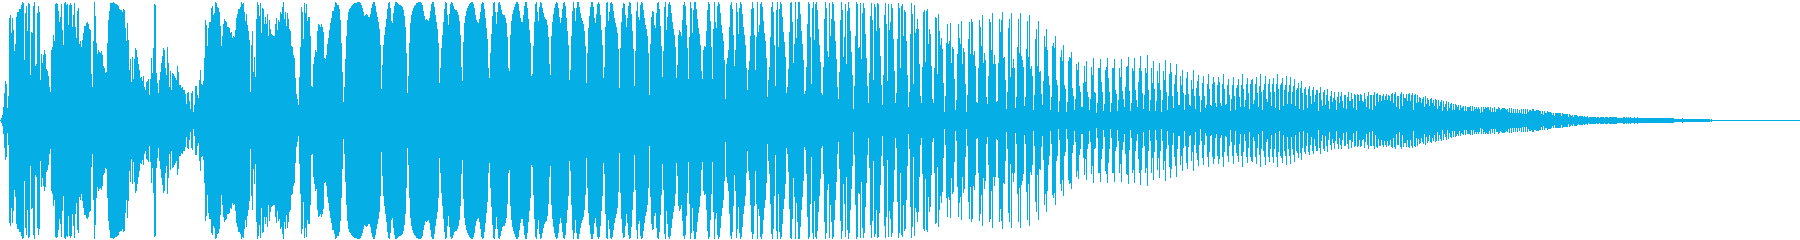 タッチ音の再生済みの波形